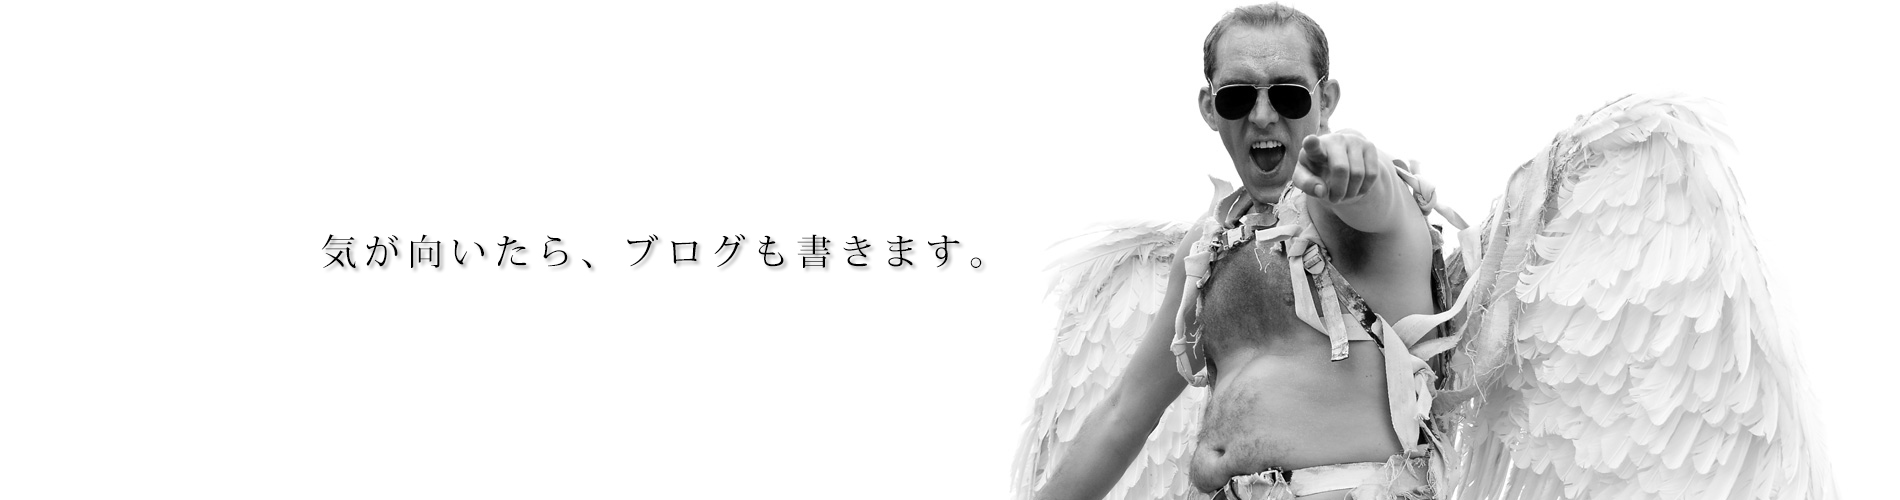 船橋市夏見大原屋商店のブログ